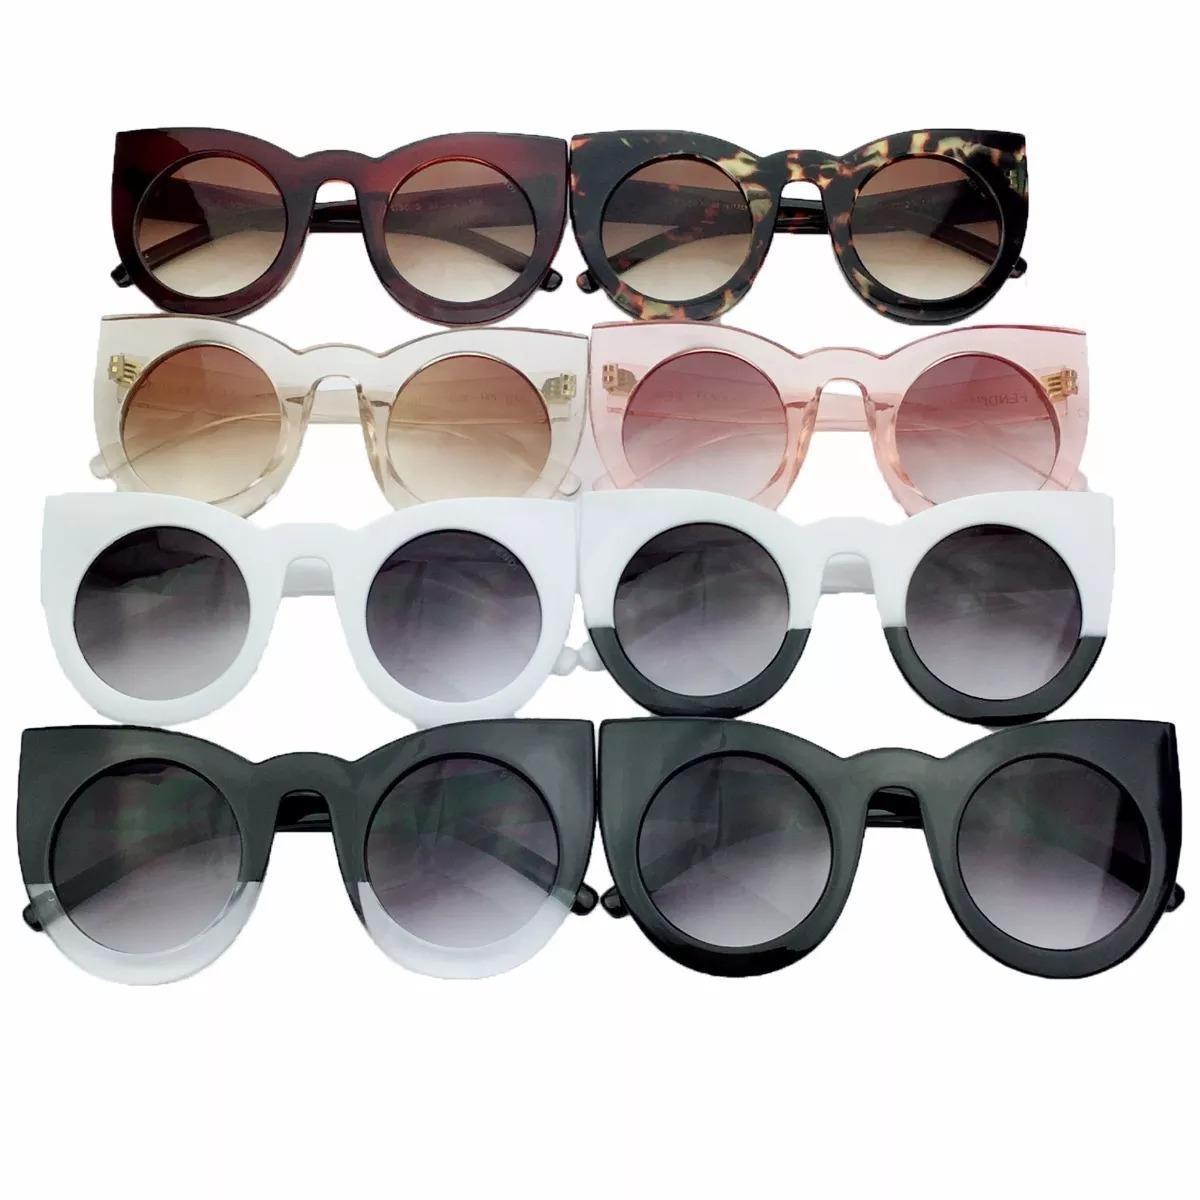 35b62ac909cf9 óculos de sol fendi lolly gatinho + brinde. Carregando zoom.